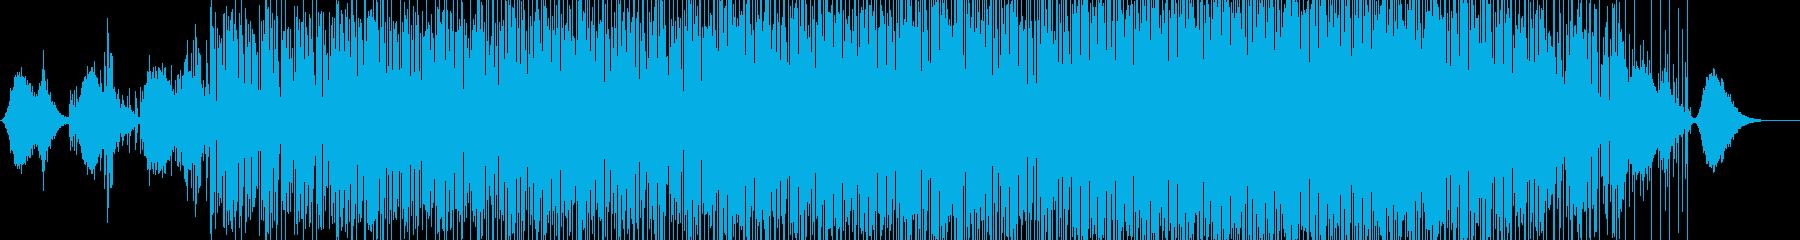 ラウンジ、チルアウト。の再生済みの波形